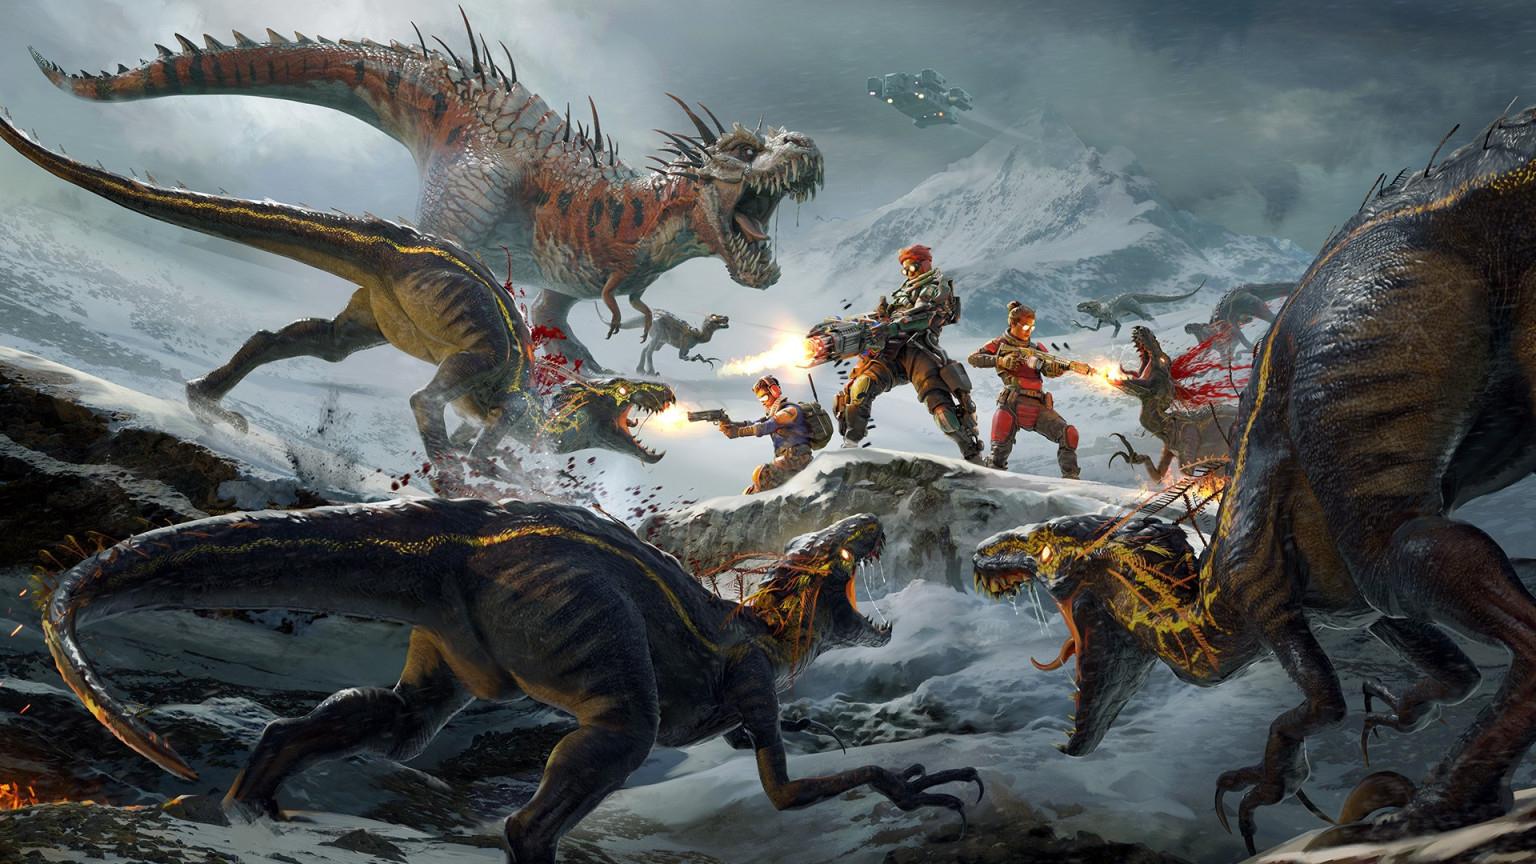 Шутер Second Extinction про войну с динозаврами-мутантами доберётся до консолей Xbox ближайшей весной